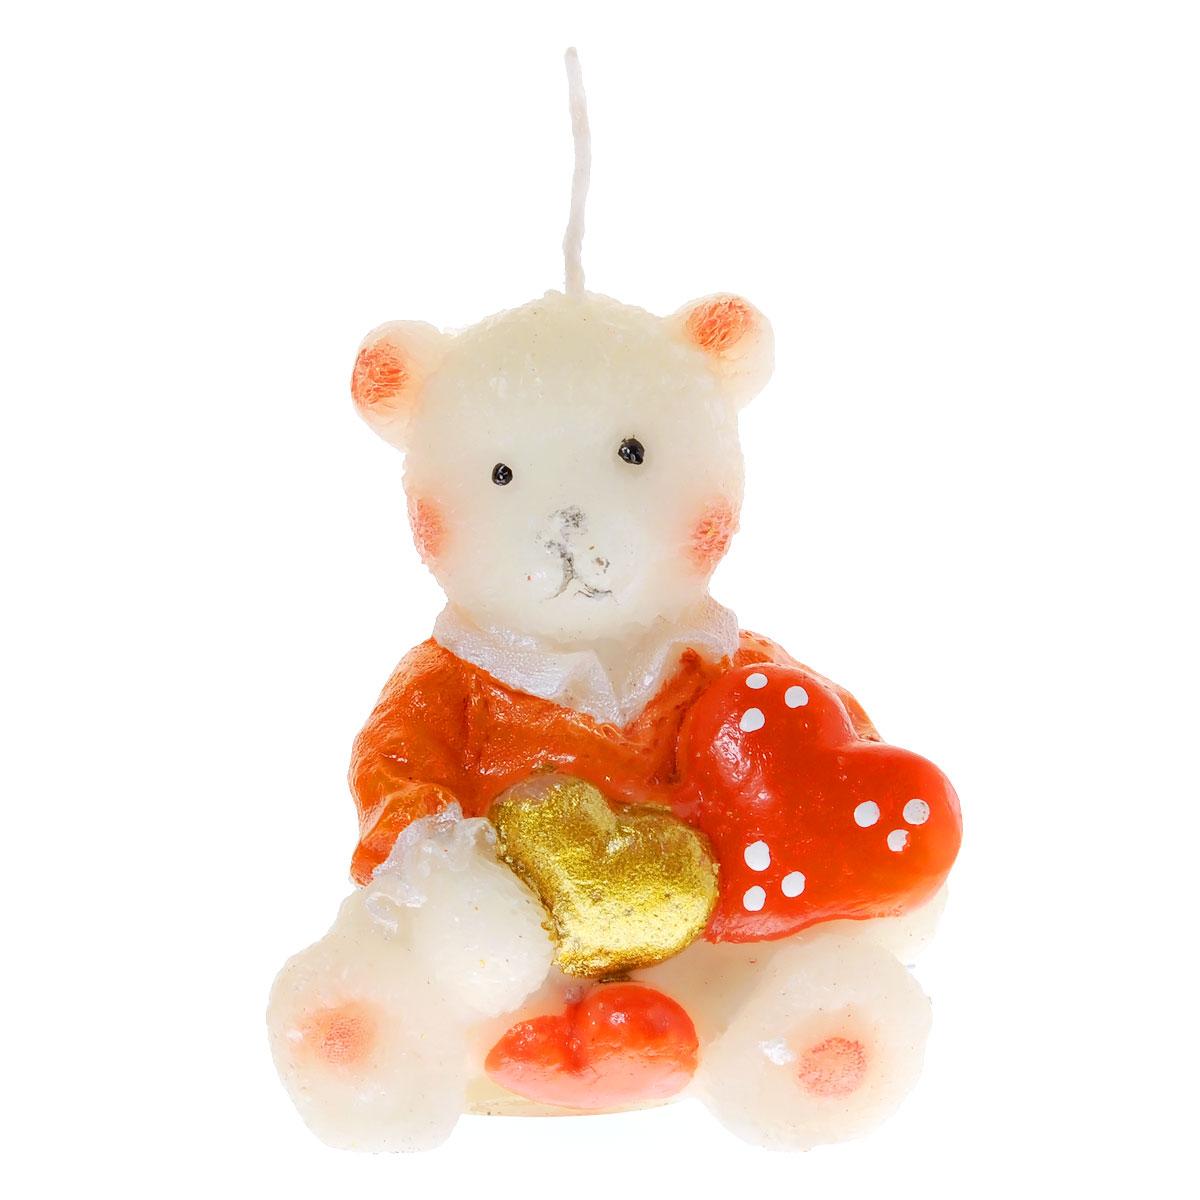 Свеча декоративная Home Queen Медвежонок с сердцем. 5786912723Свеча декоративная Home Queen Медвежонок с сердцем отличный подарок, подчеркивающий яркую индивидуальность того, кому он предназначается. Изделие выполнено из парафина в виде медвежонка держащего сердечки. Такая свеча украсит интерьер вашего дома или офиса. Оригинальный дизайн и красочное исполнение создадут отличное настроение.